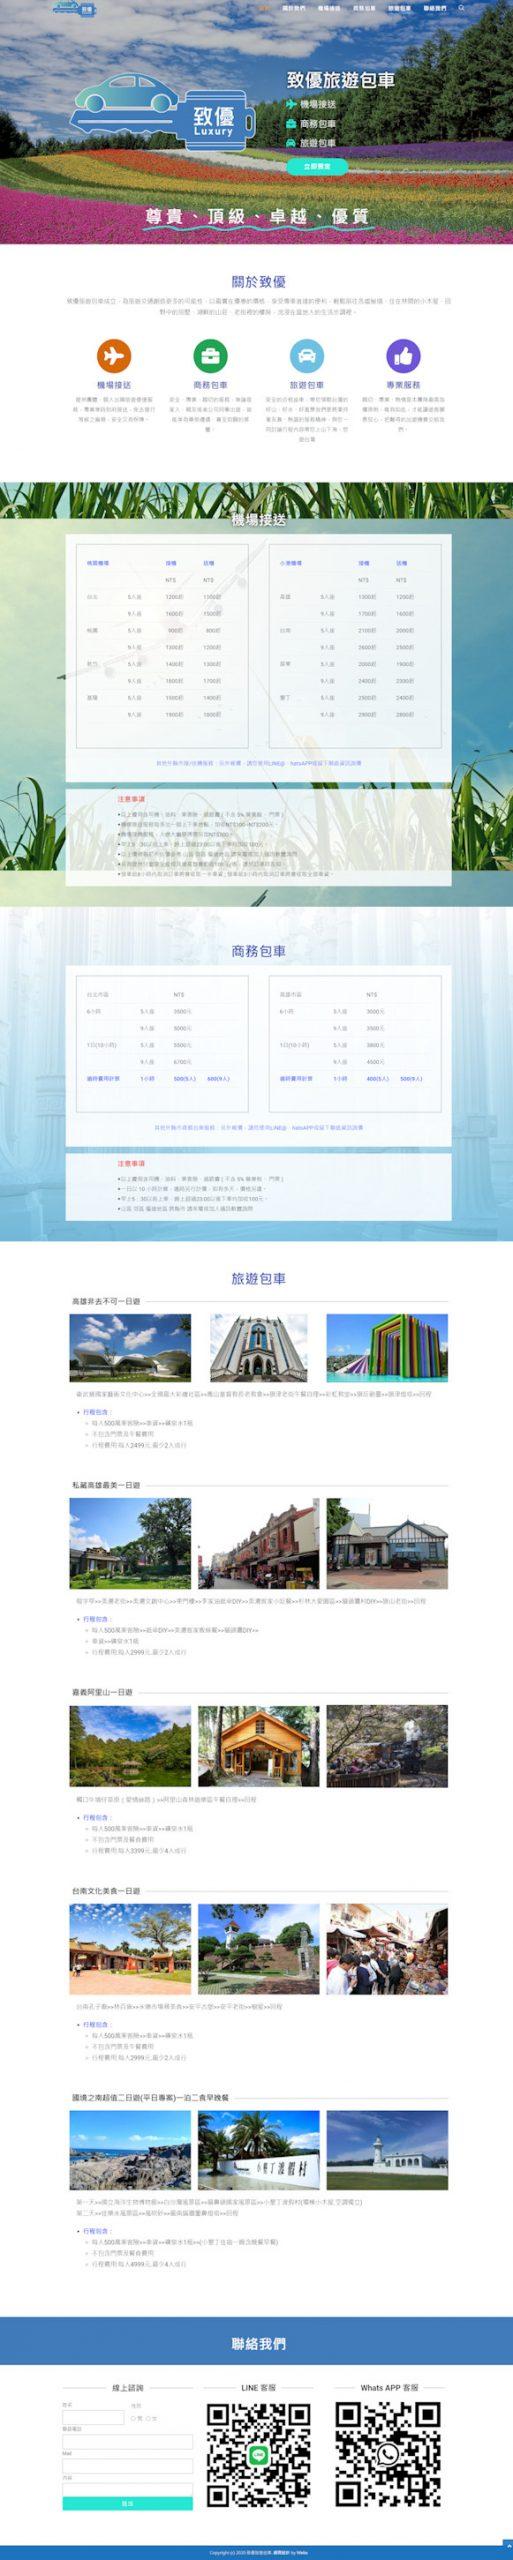 網頁設計-致優旅遊包車2